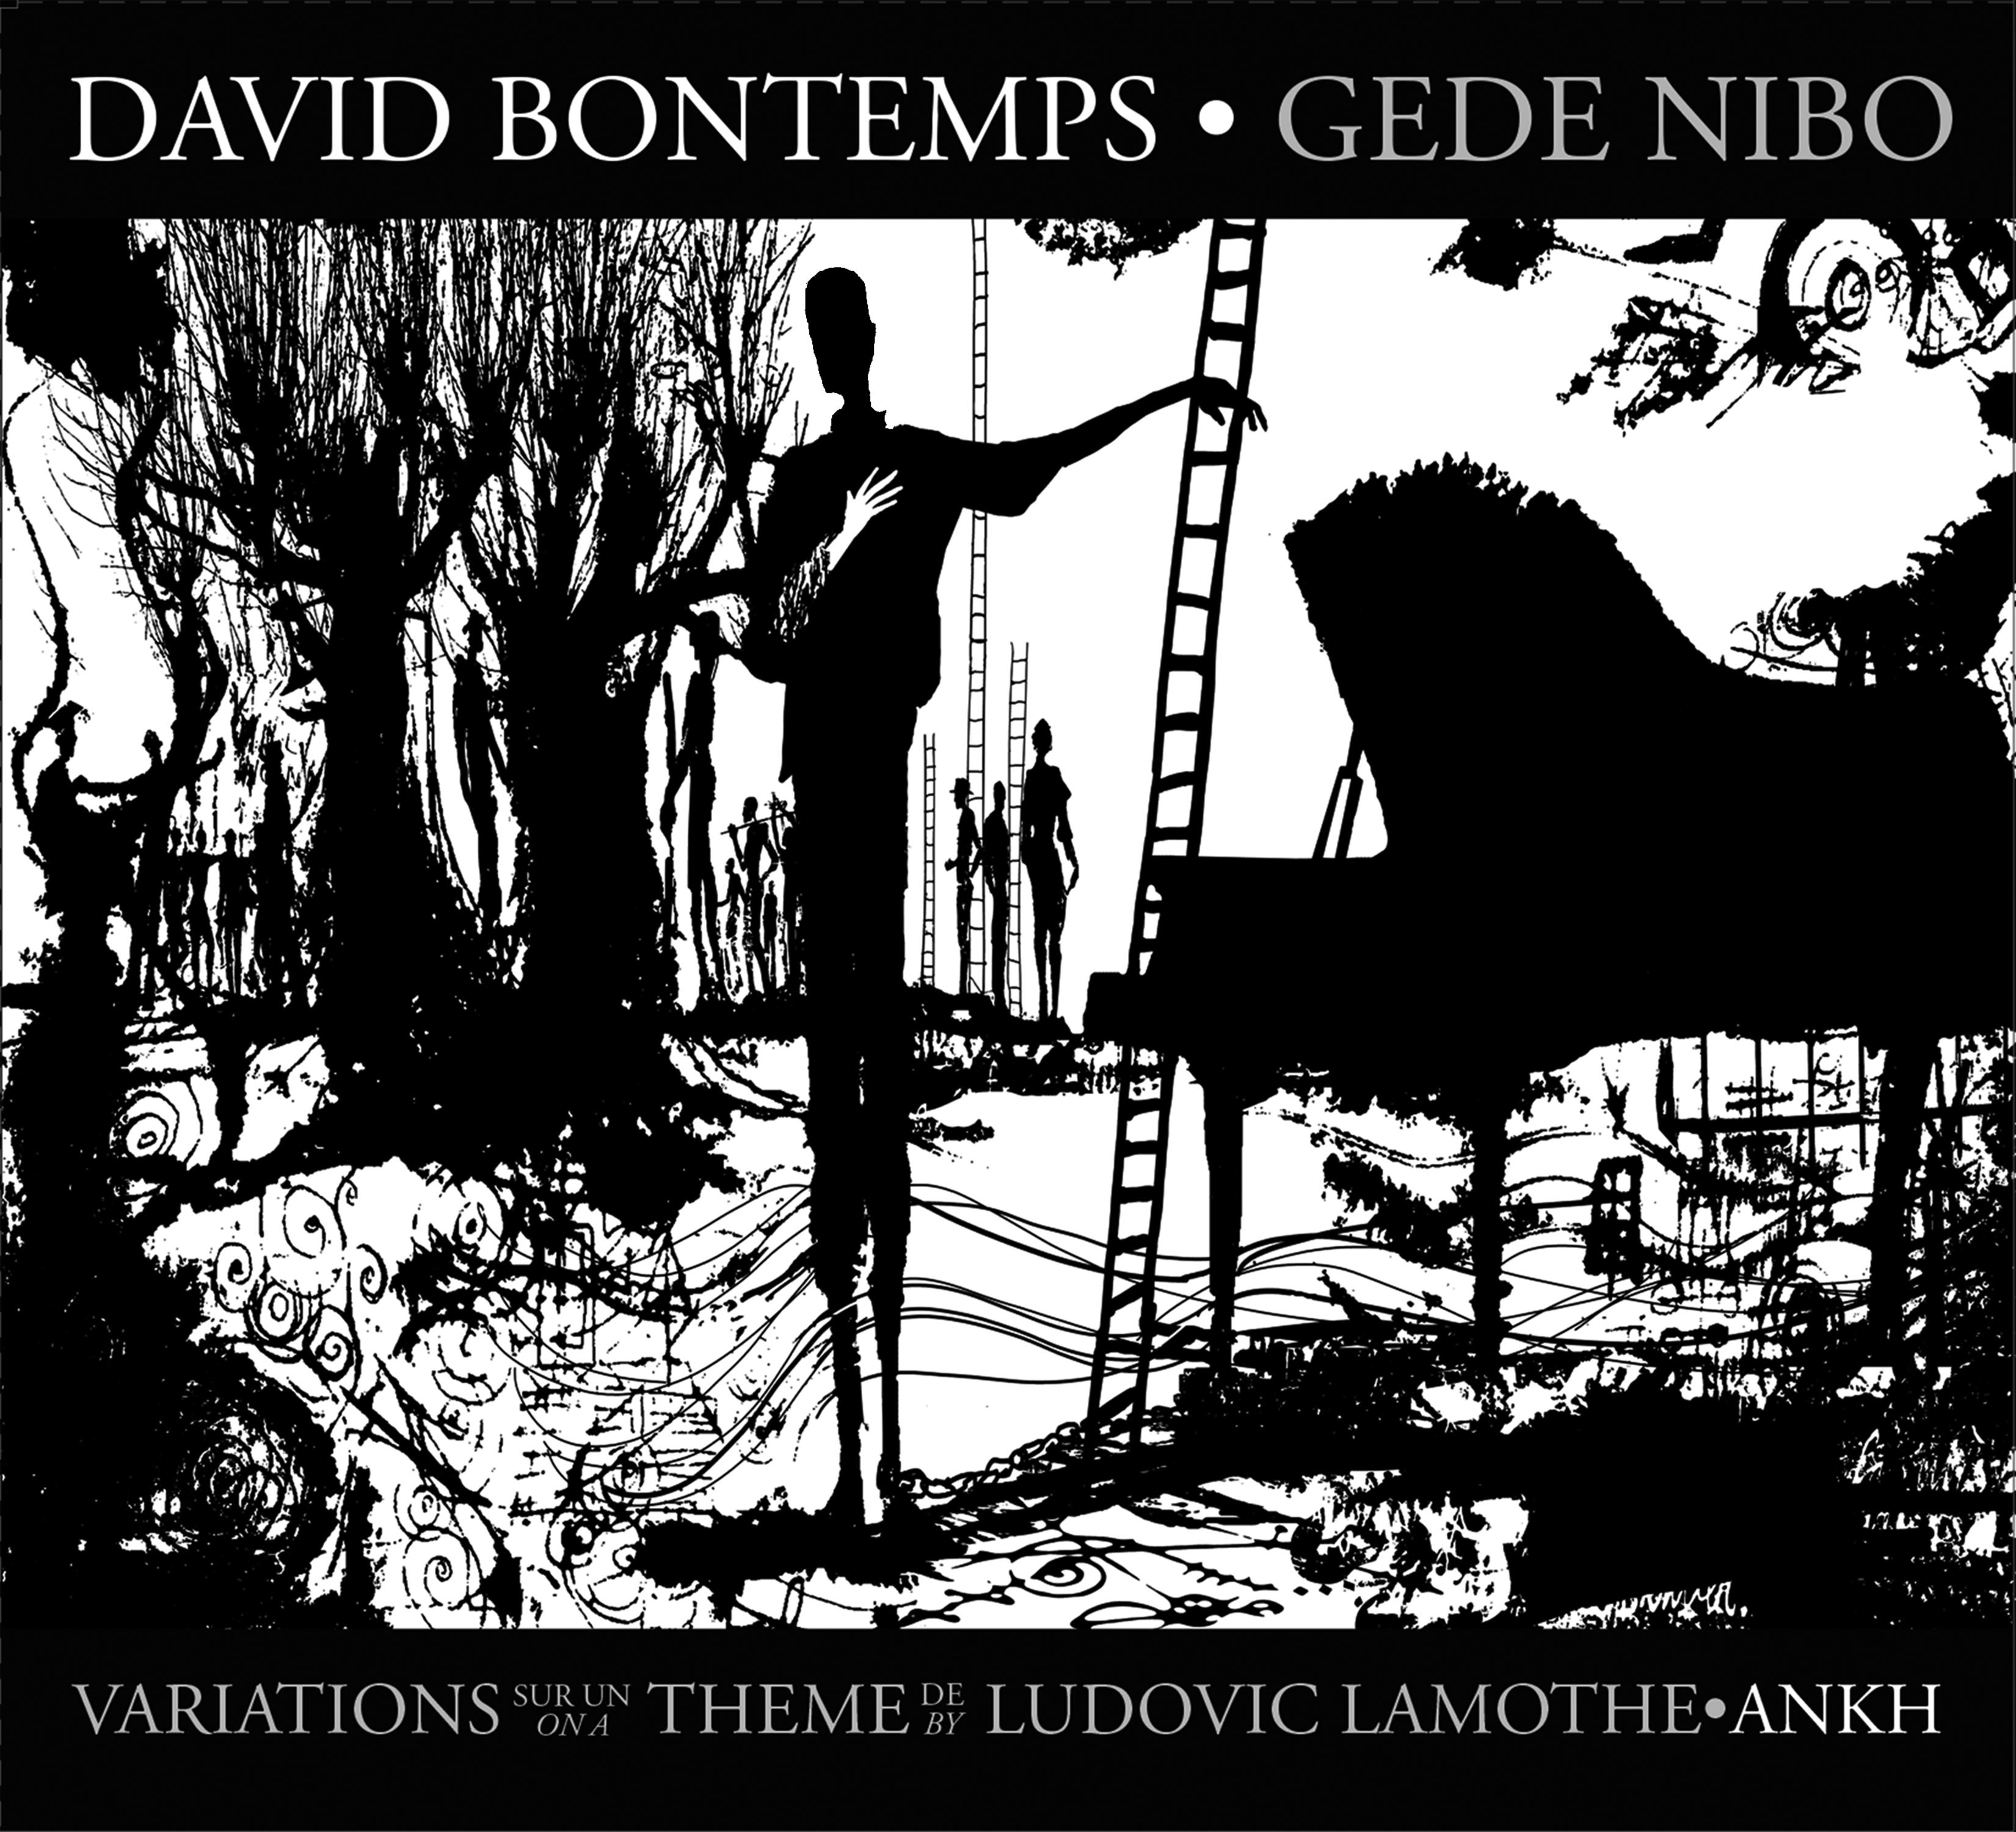 David Bontemps Gede Nibo